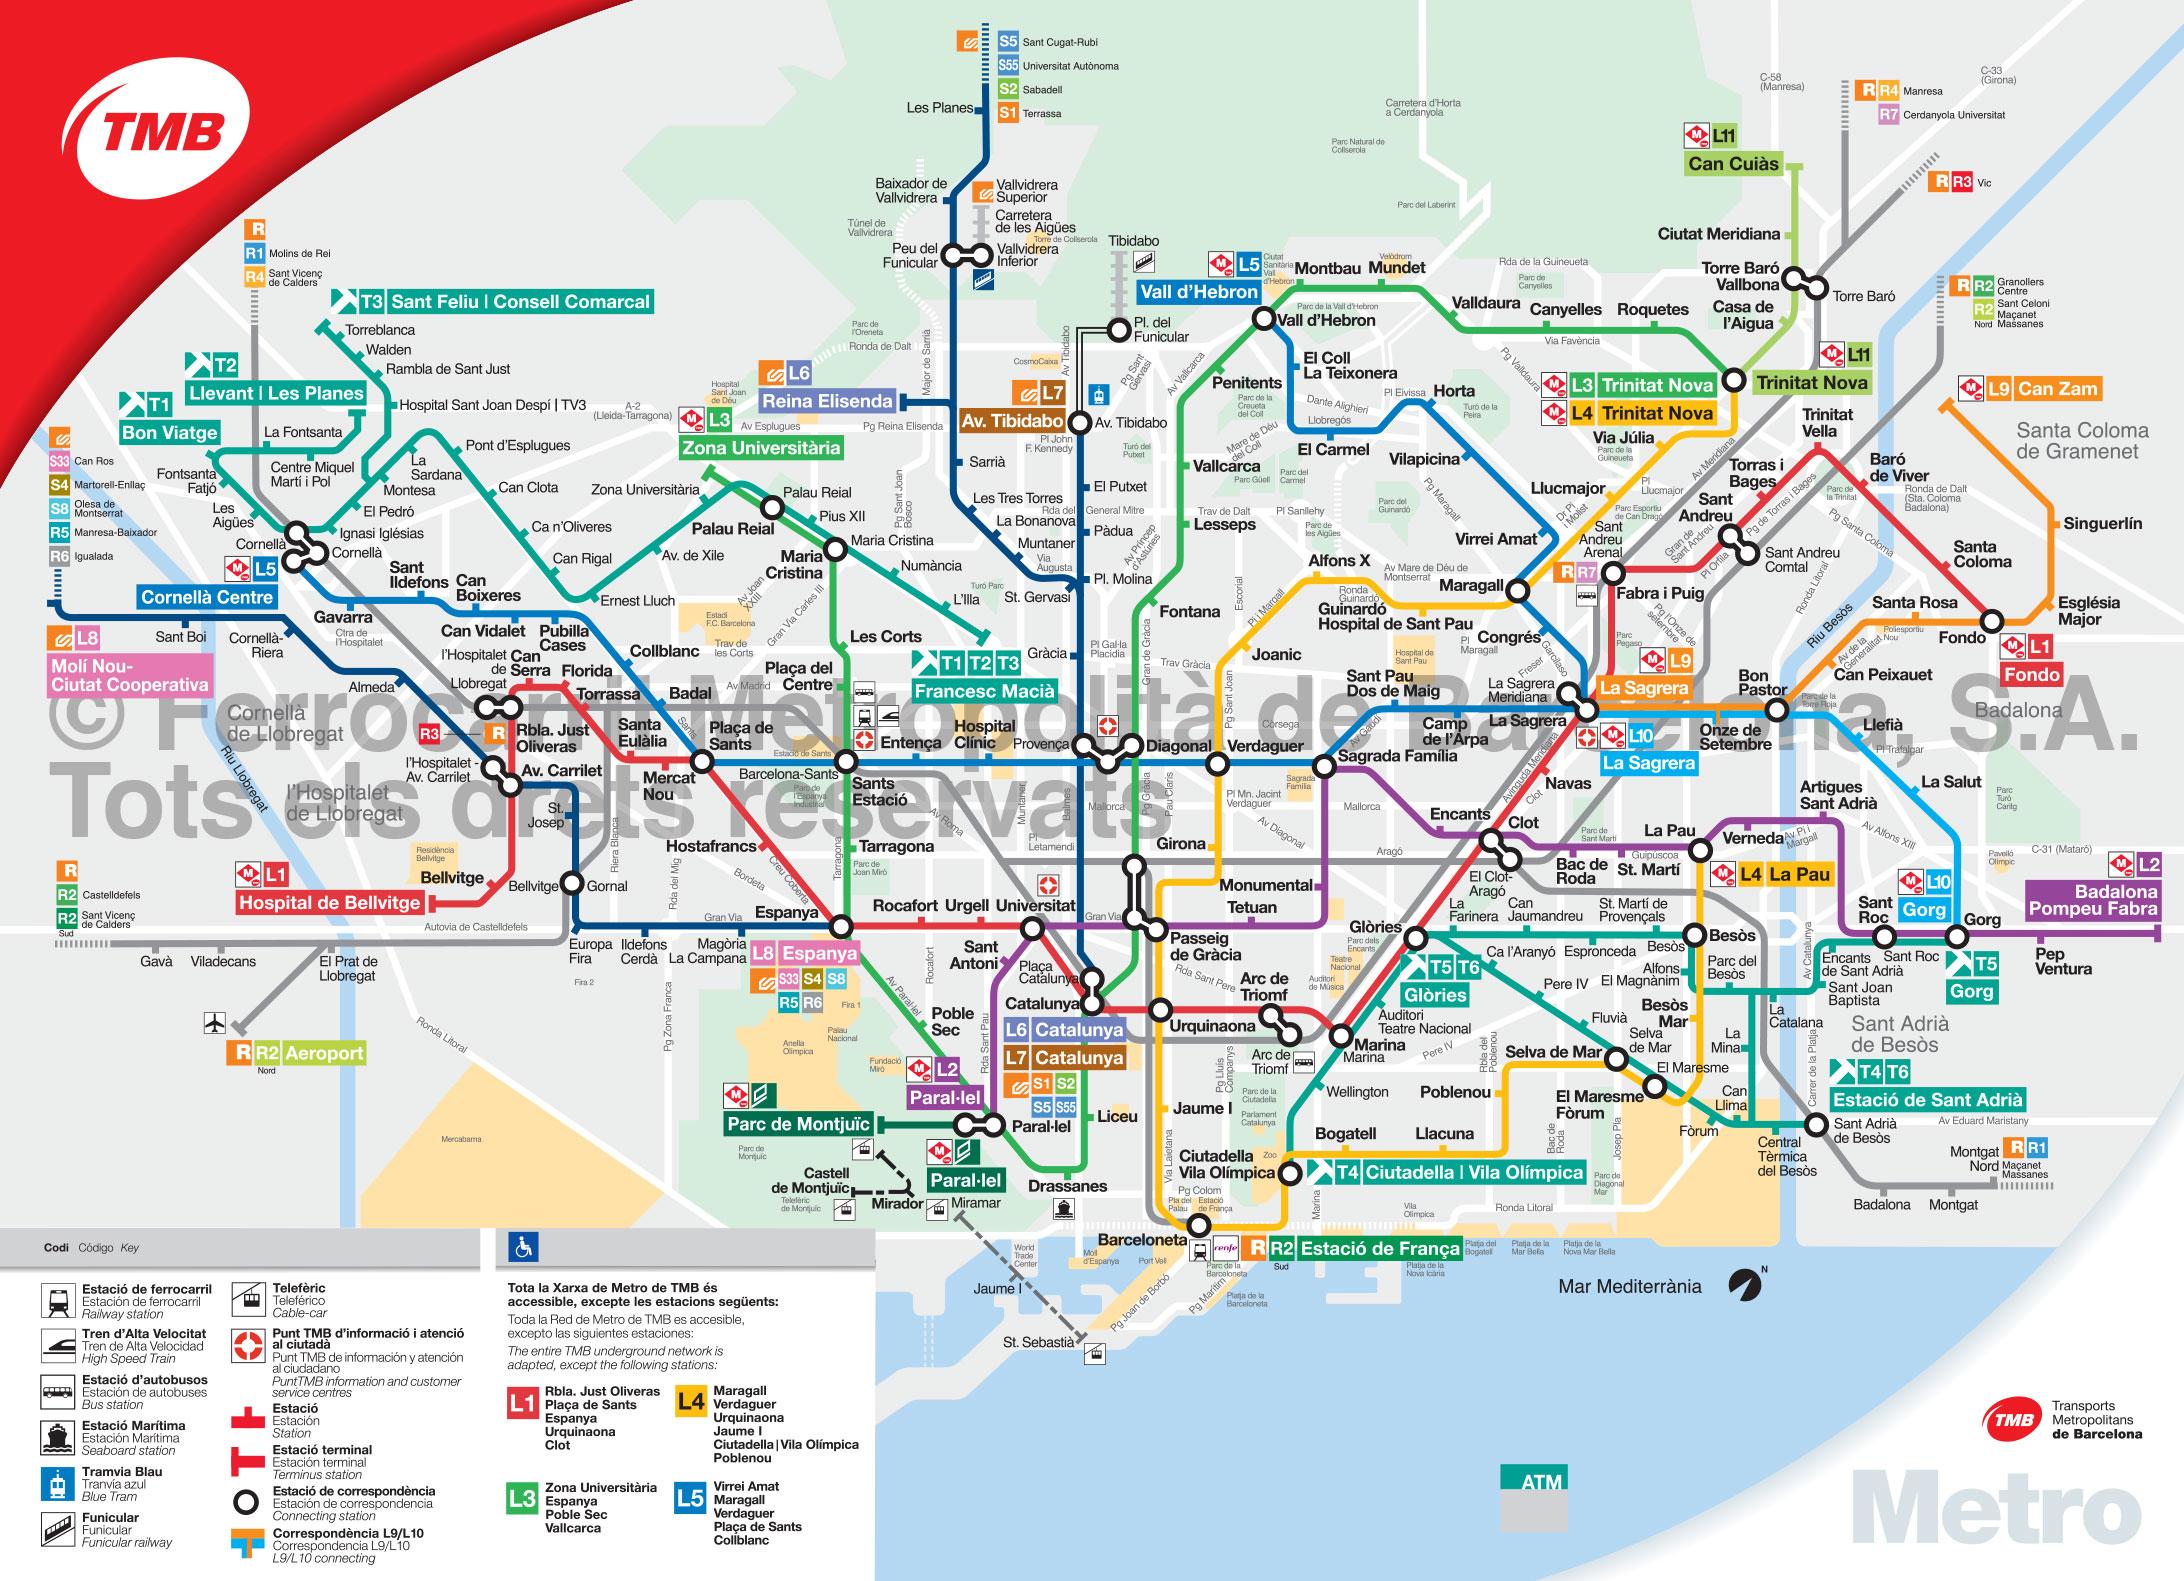 Plan et carte du métro de Barcelone : stations et lignes